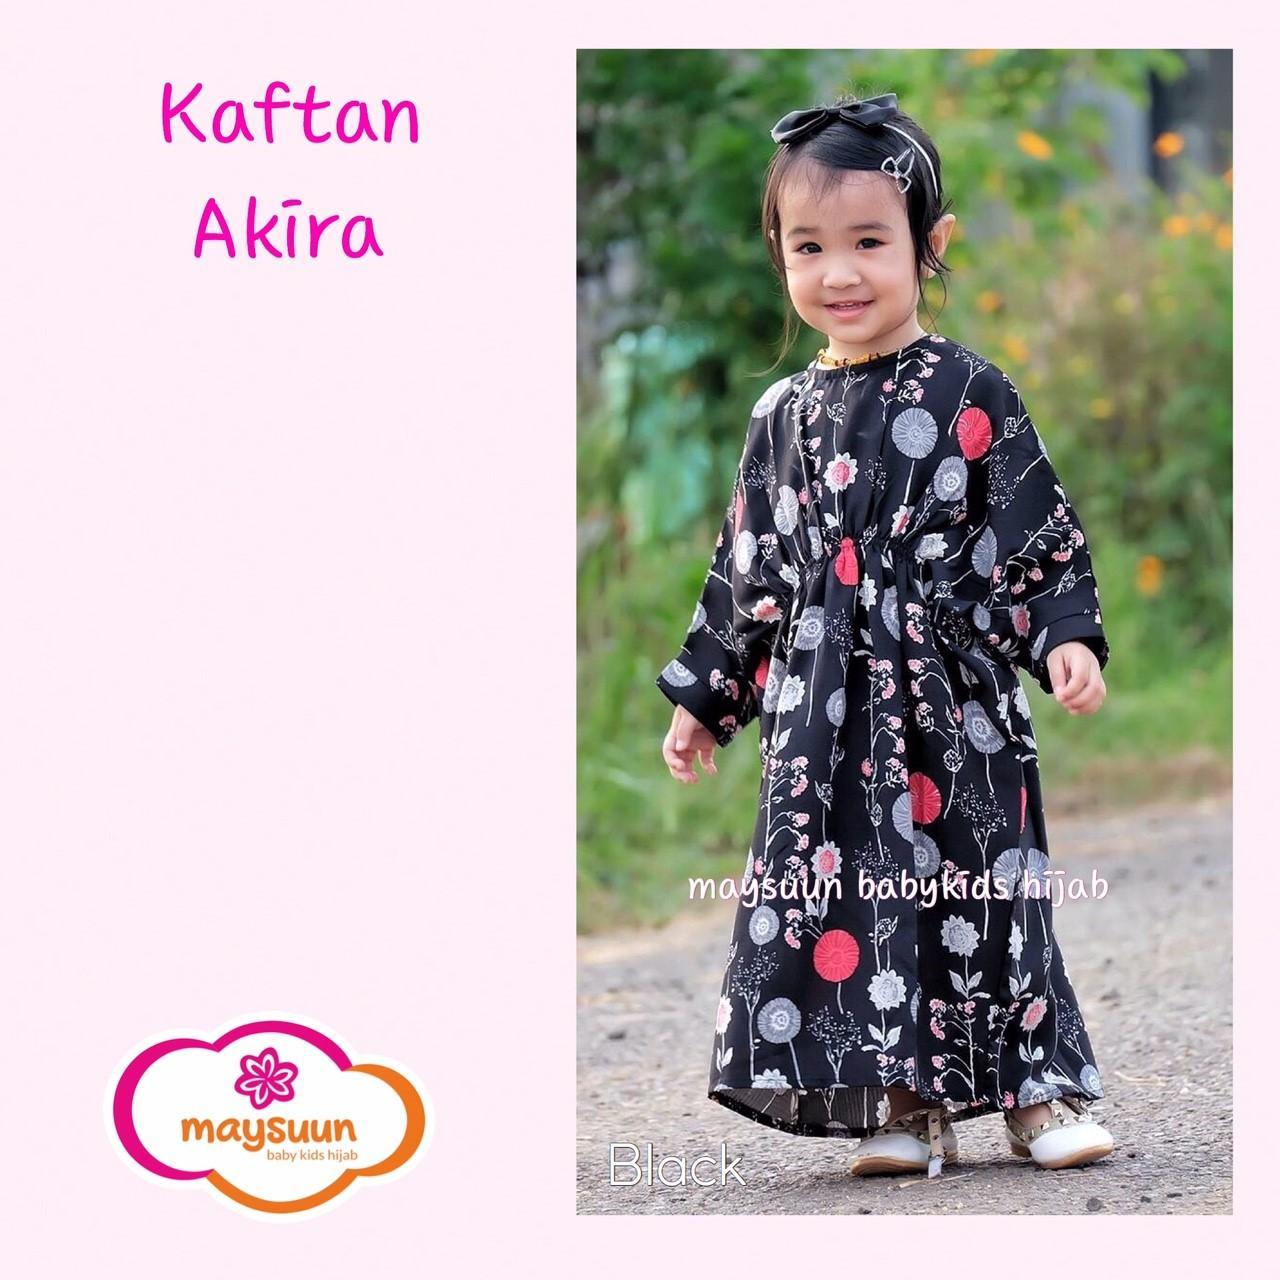 TERBARU Kaftan Anak Perempuan , Baju Muslim Anak Cantik, Gamis anak Model Kimono Anak Murah